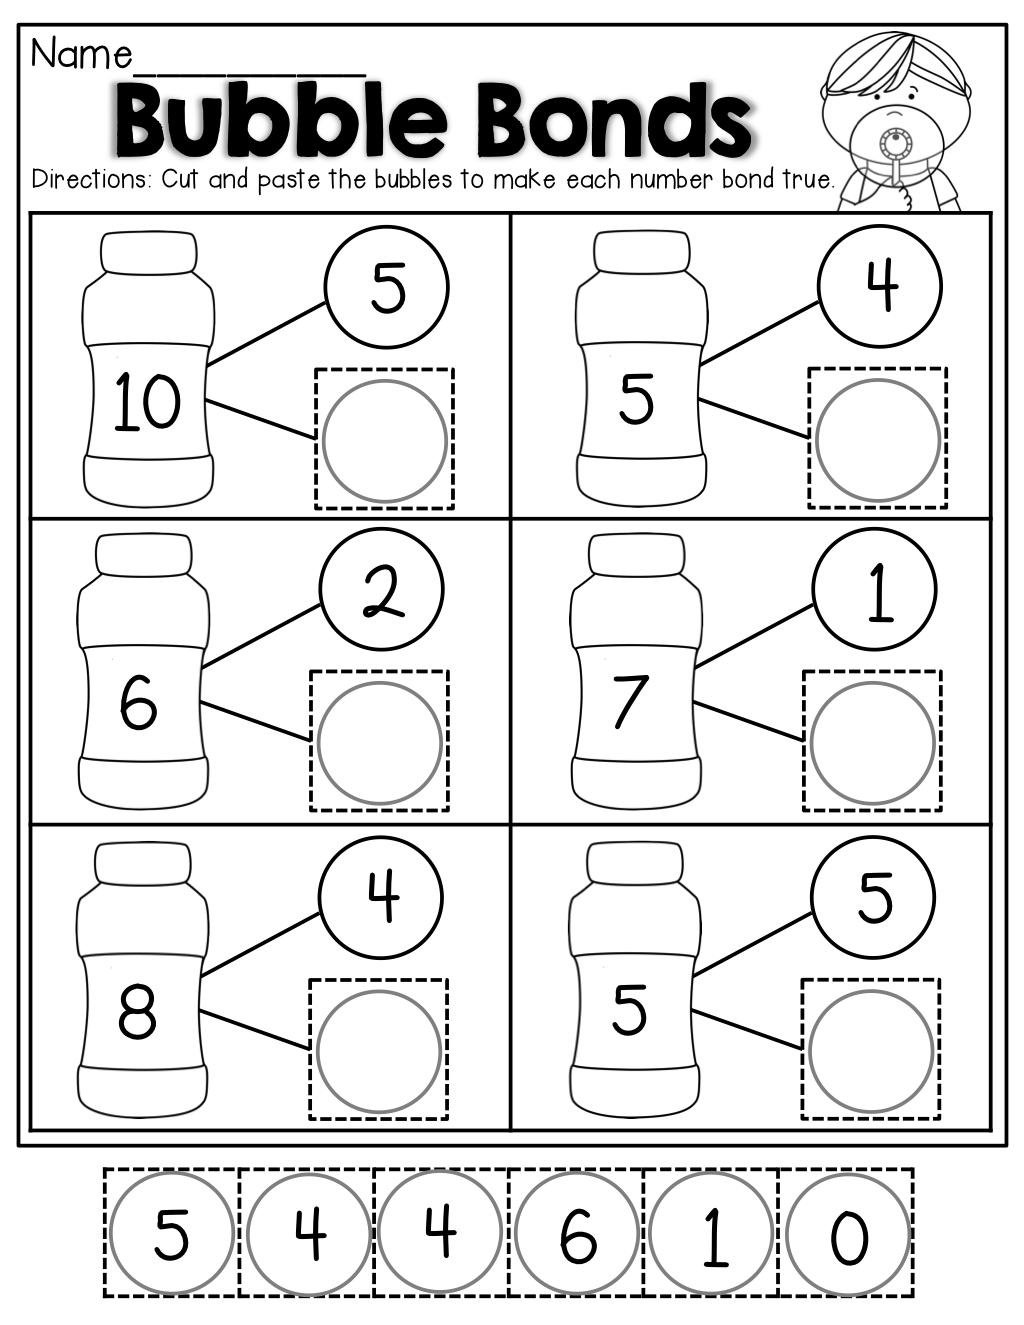 Number Bubble Bonds (Cut And Paste)   Kindergarten Activities   Math   Free Printable Number Bonds Worksheets For Kindergarten